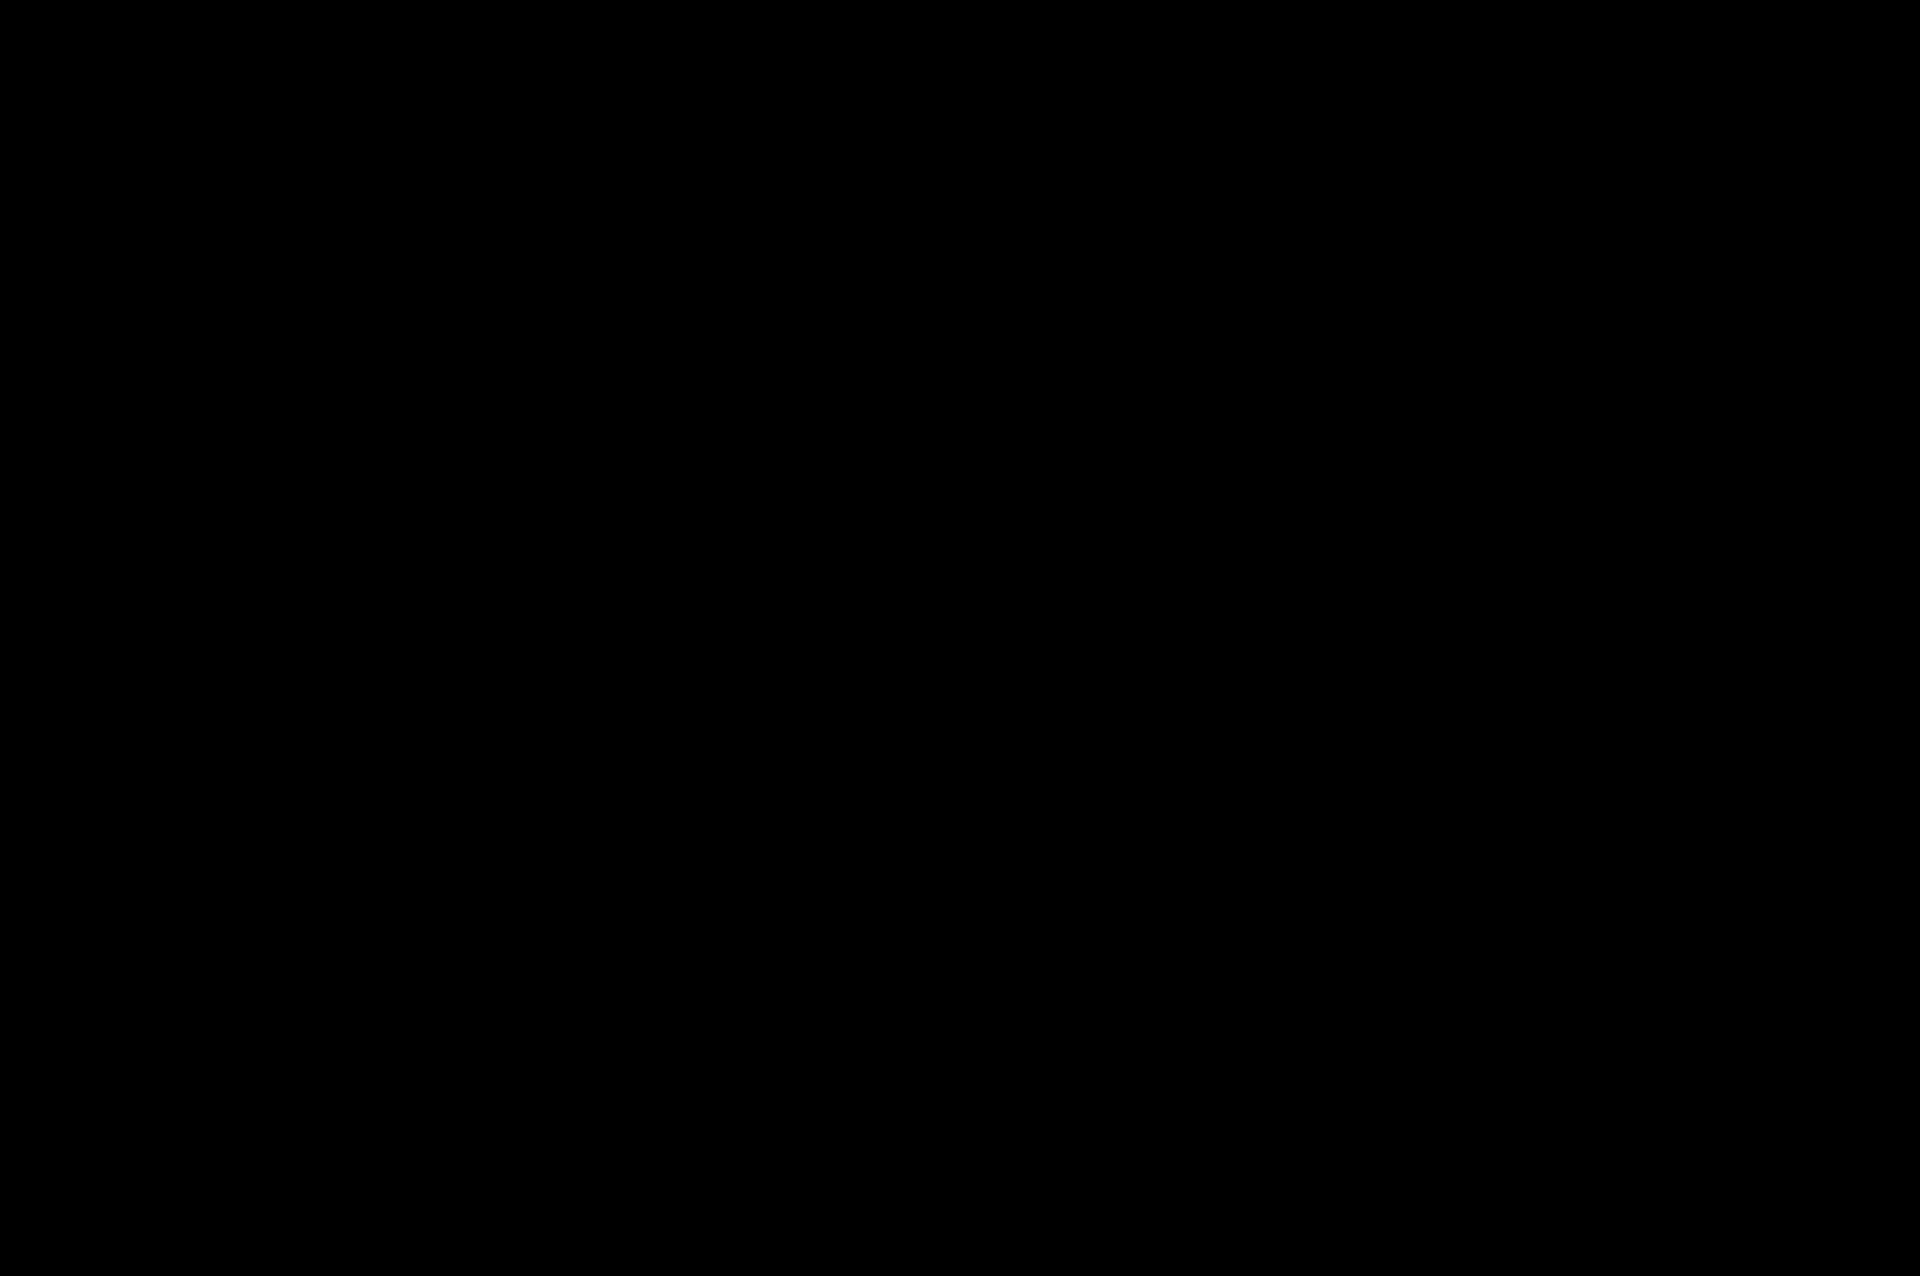 静鉄A3000形の型紙(カラーラッピング部のみ)